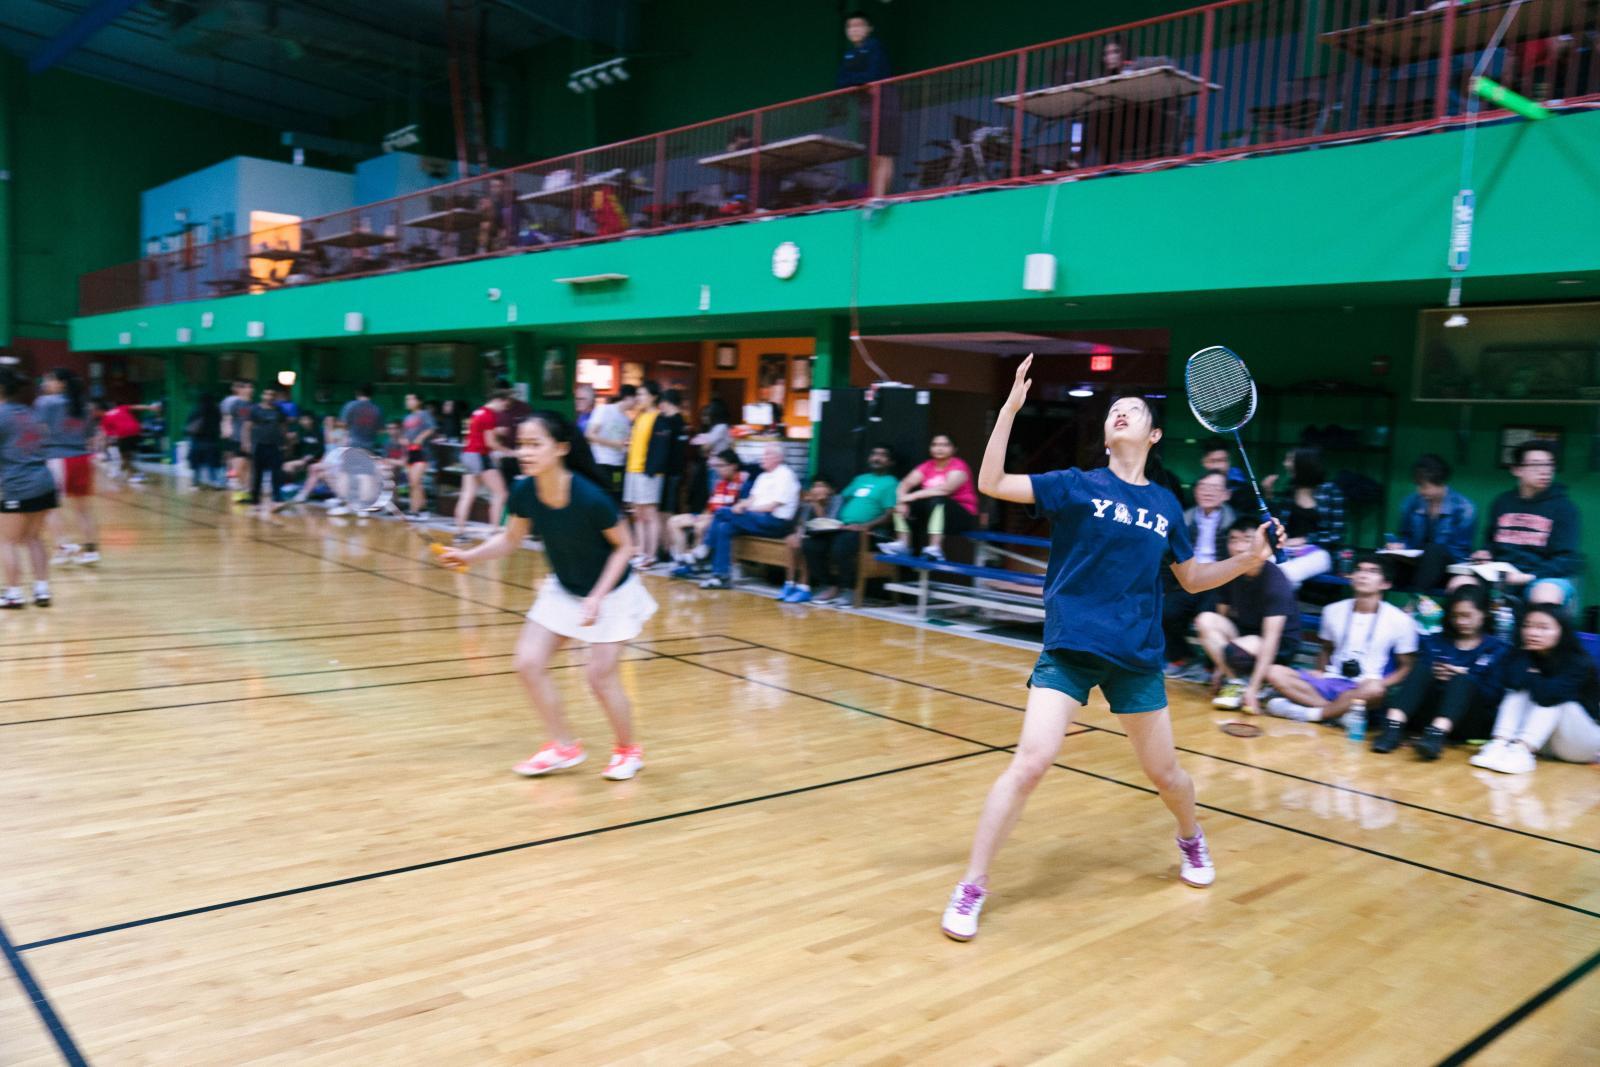 Yale Badminton Club 2018